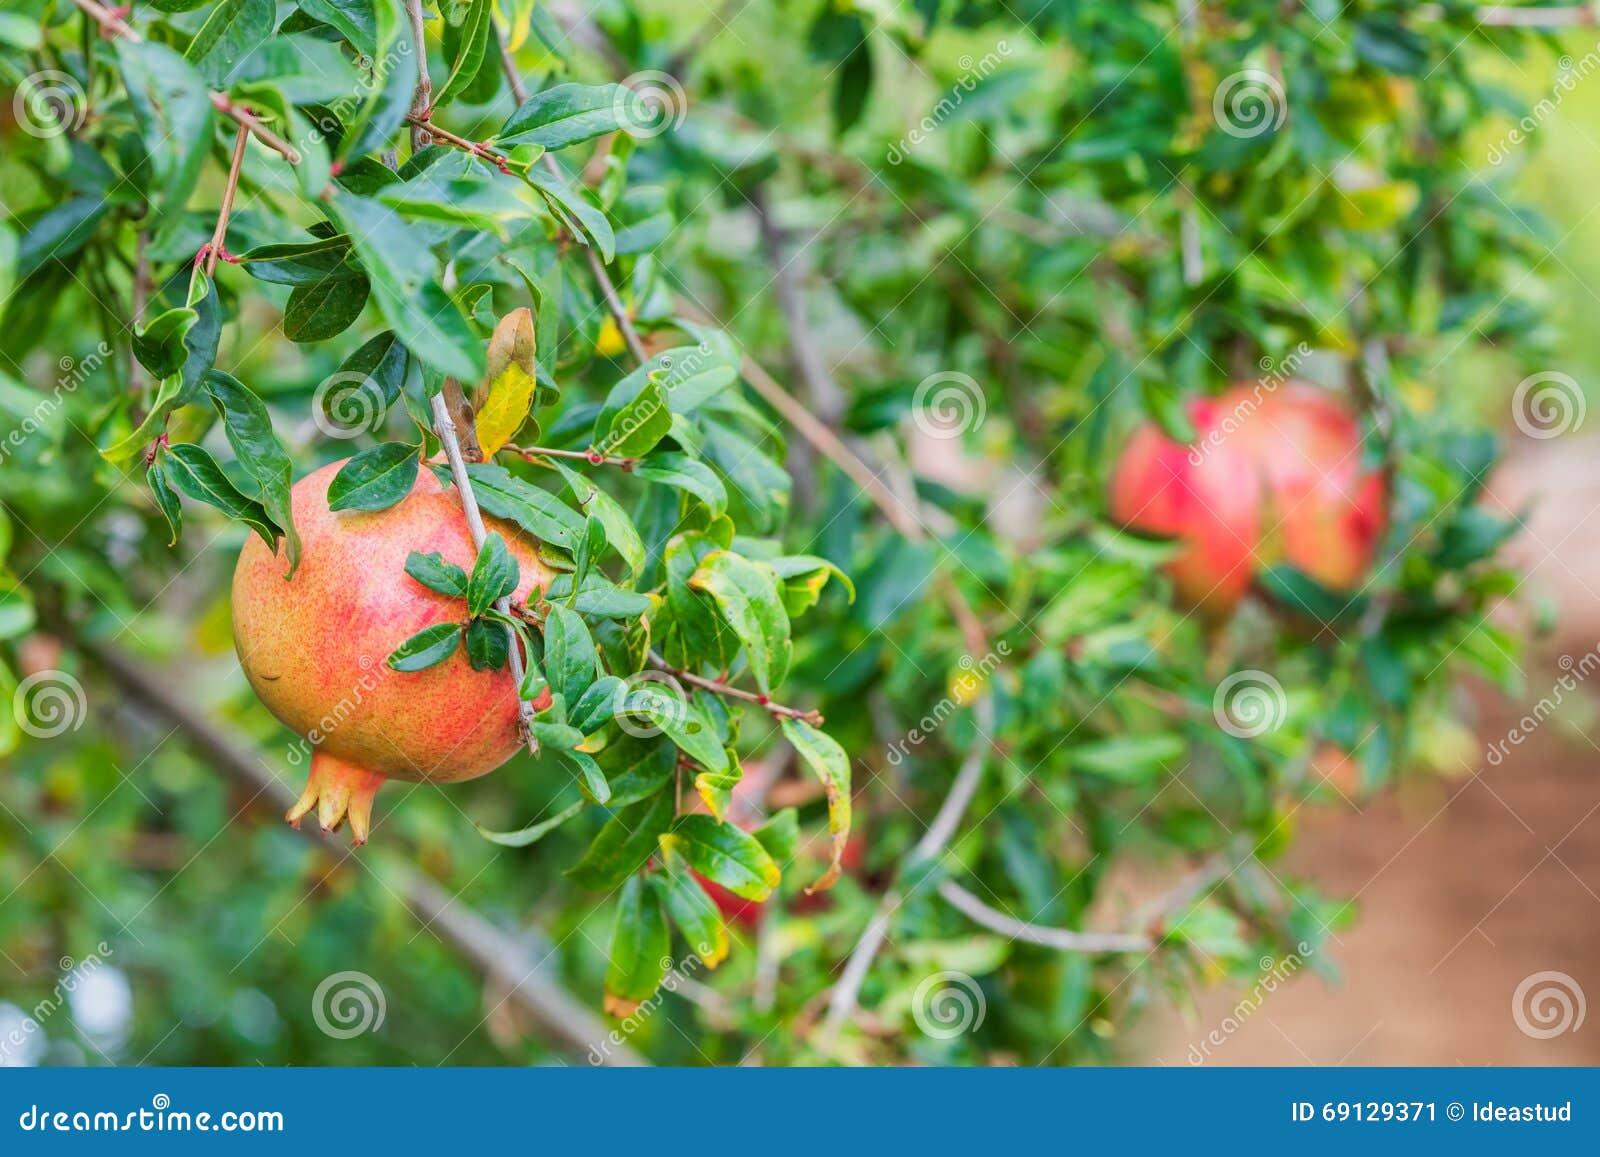 Albero da frutto del melograno nel giardino di autunno for Albero da frutto nano